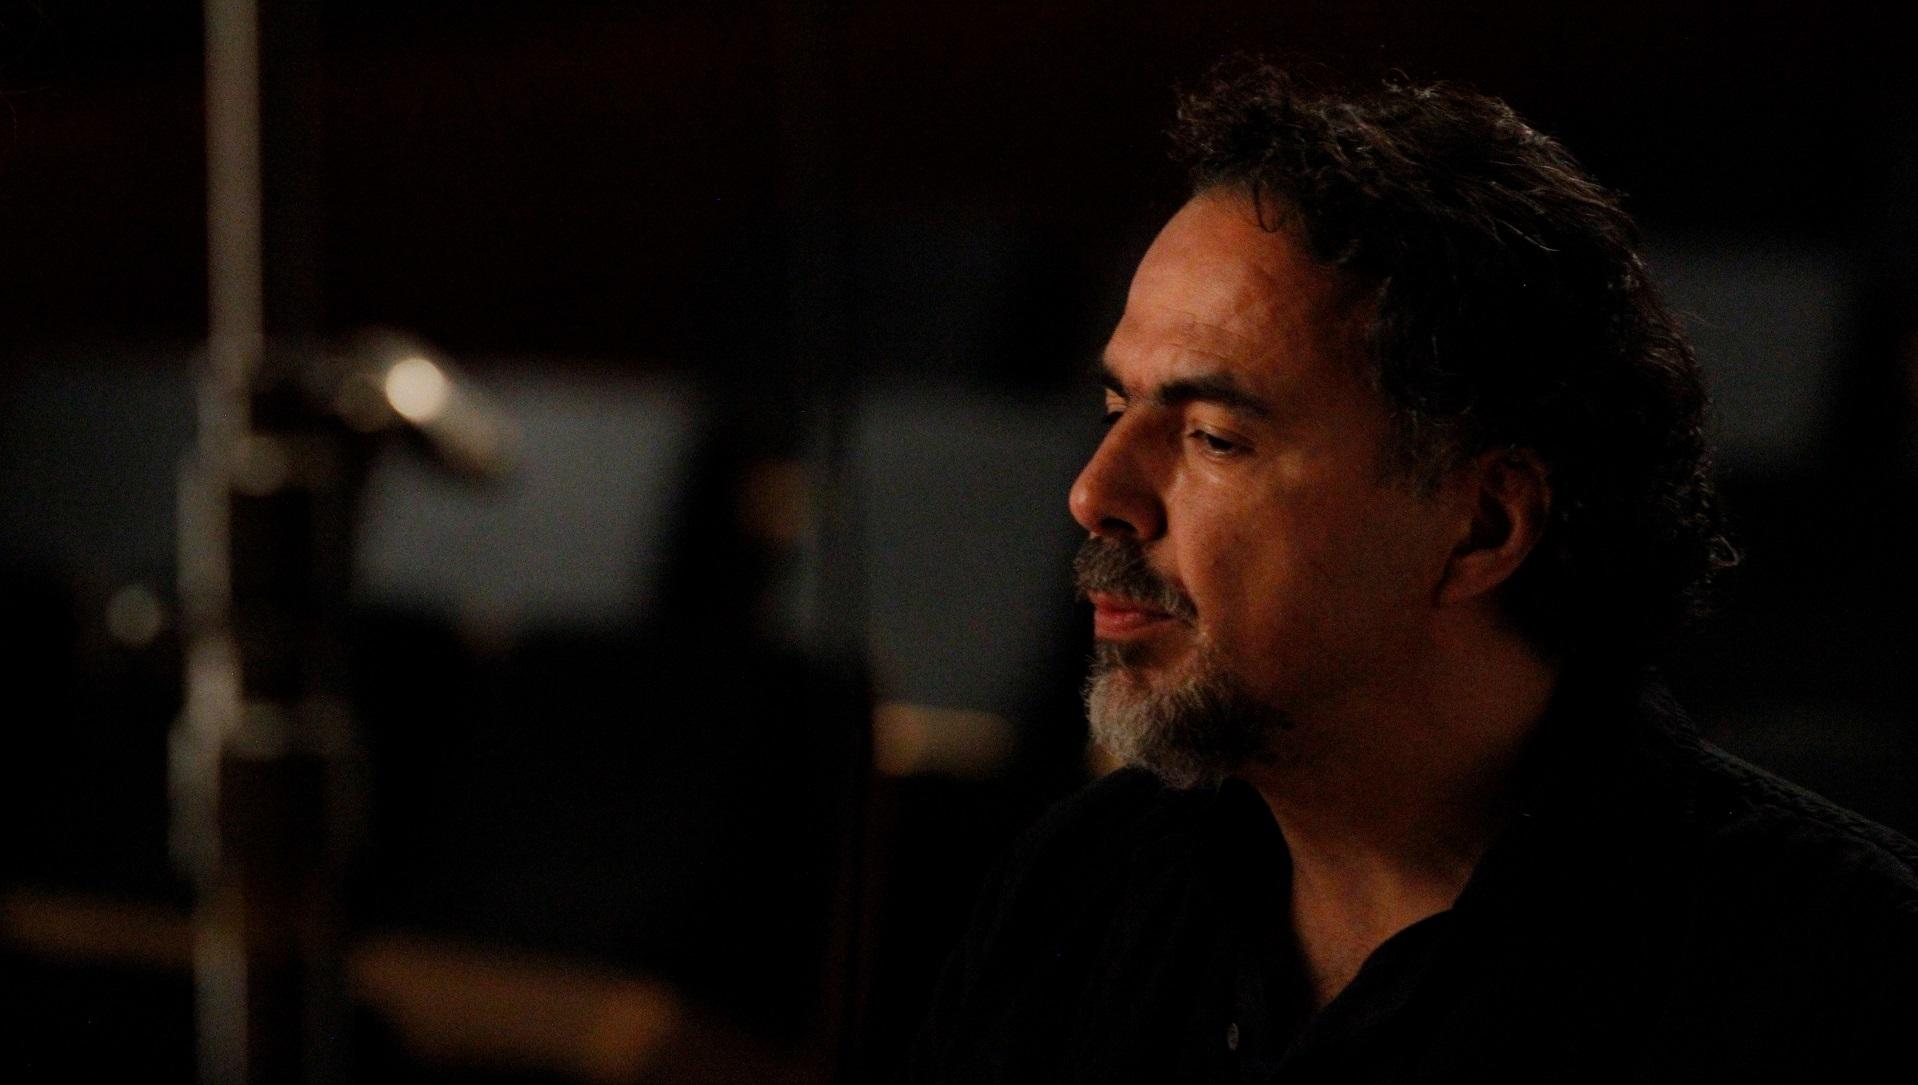 El cineasta González Iñárritu acepta el primer Oscar de realidad virtual